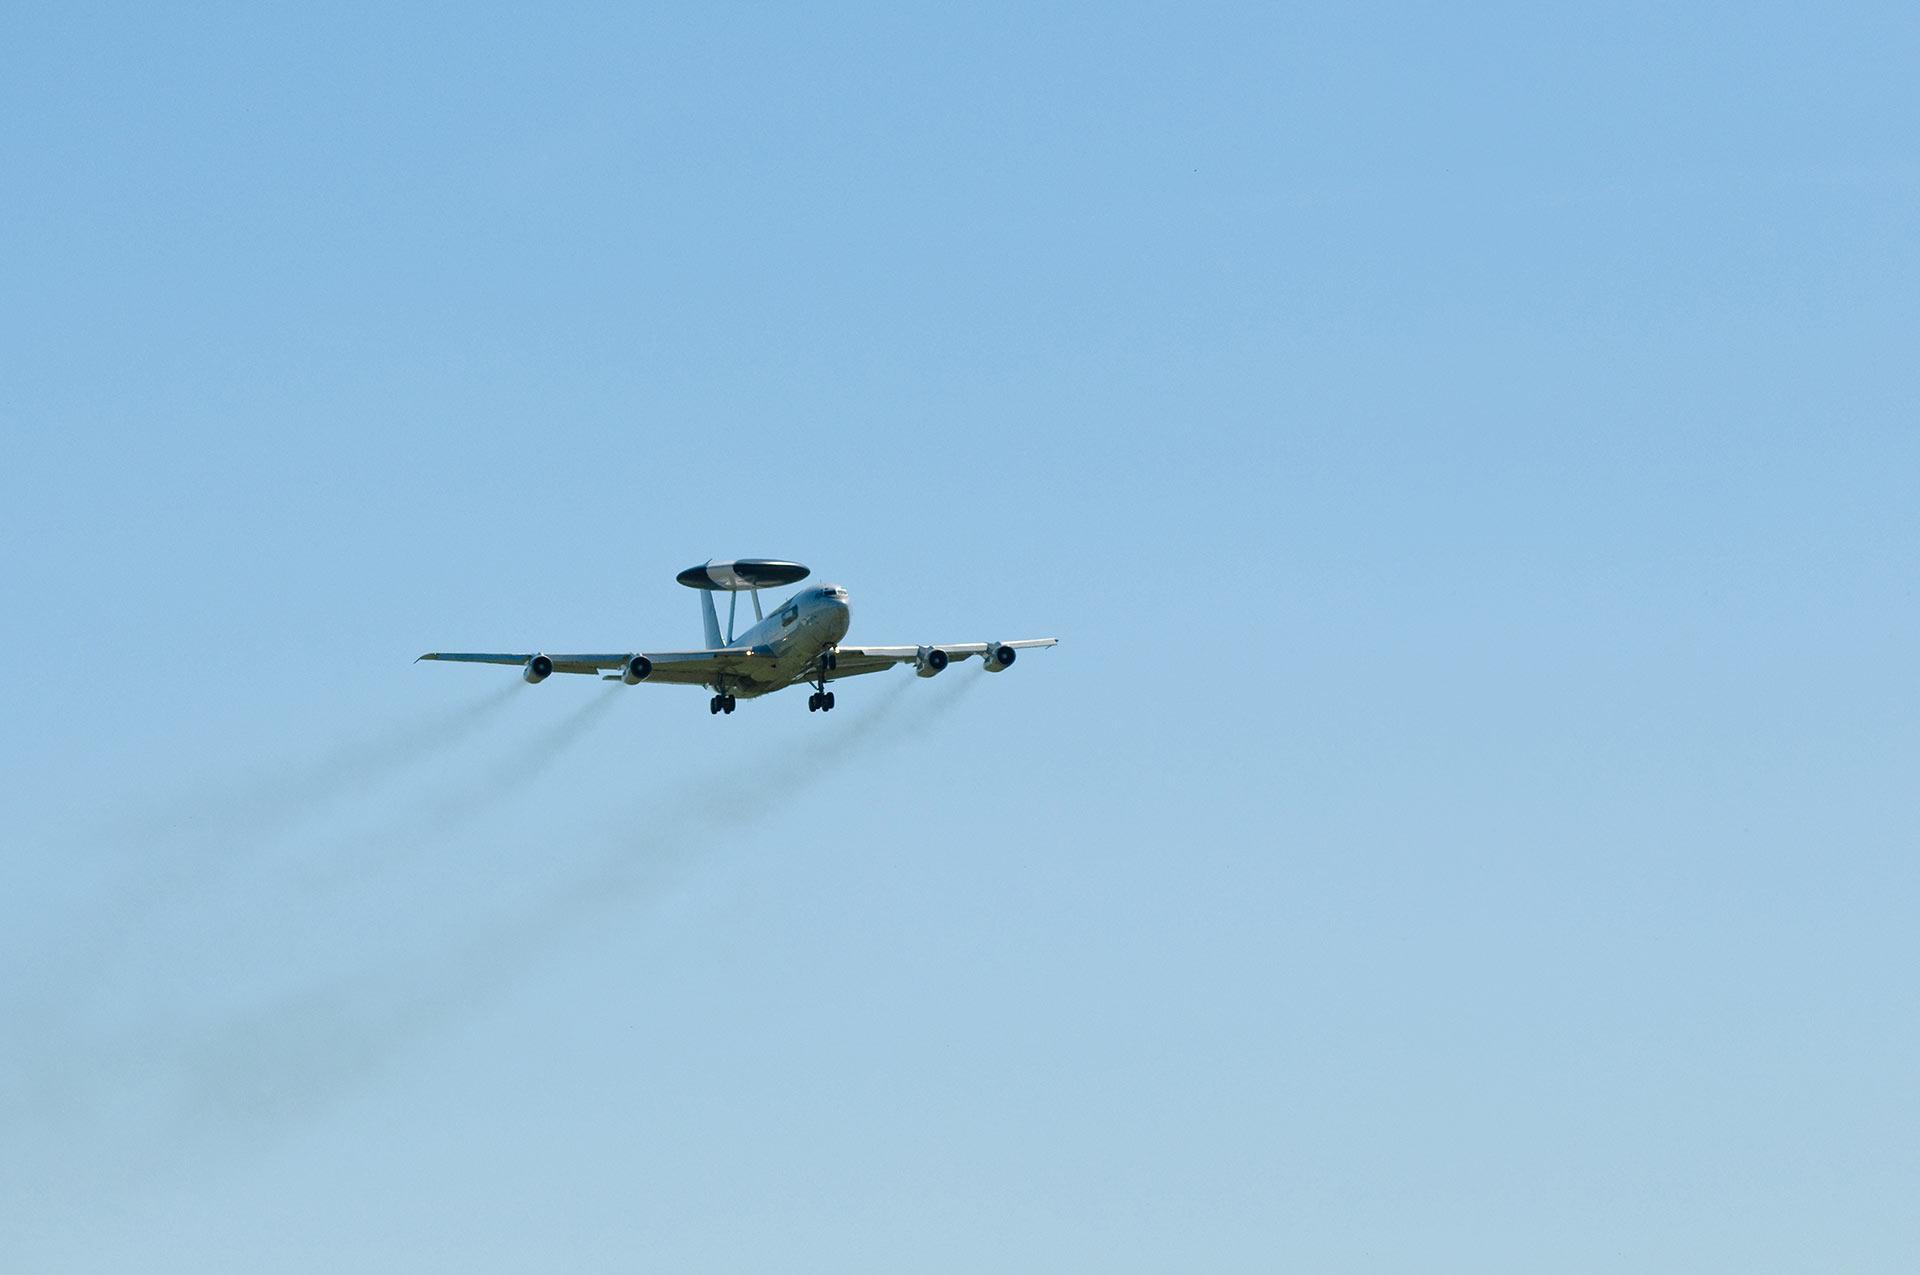 radar plane taking off